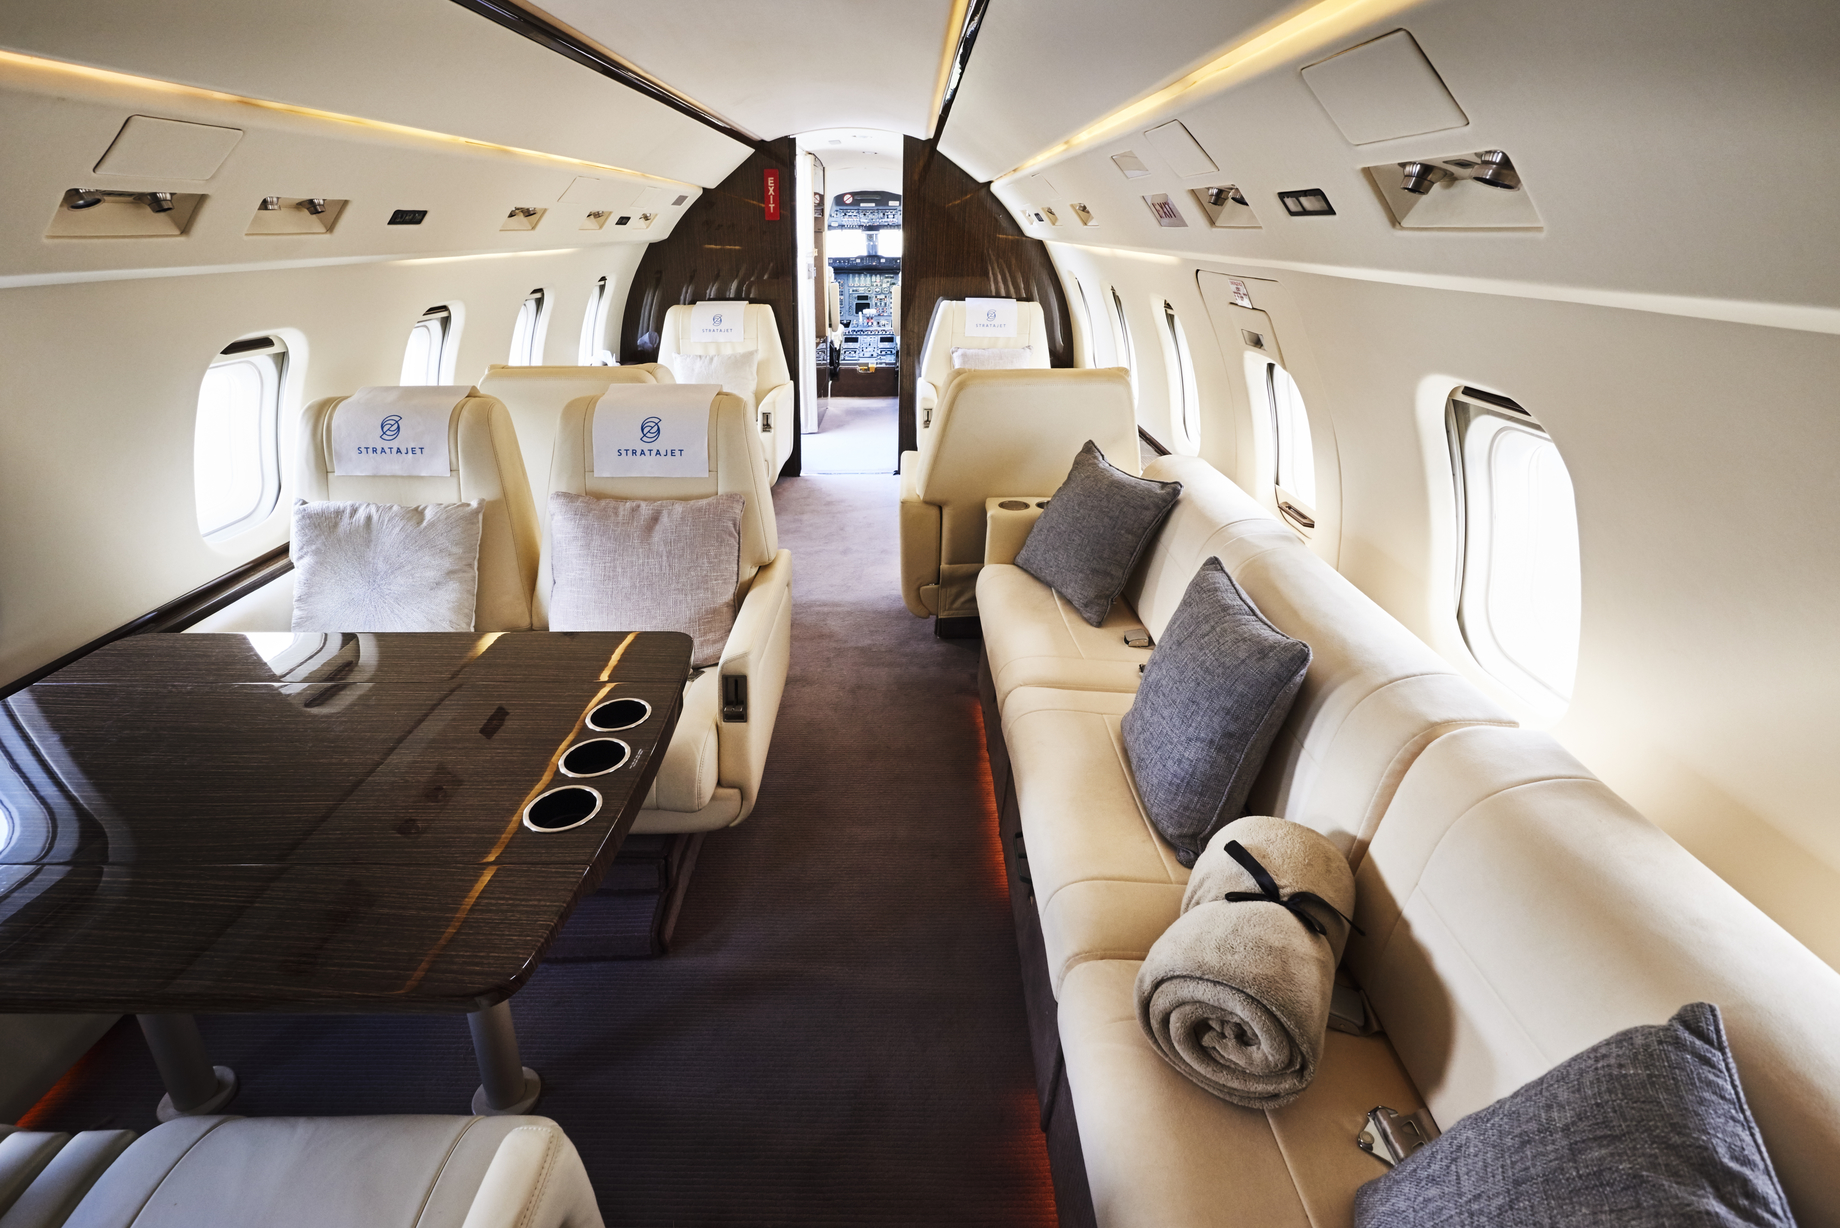 Stratajet - private jet interior